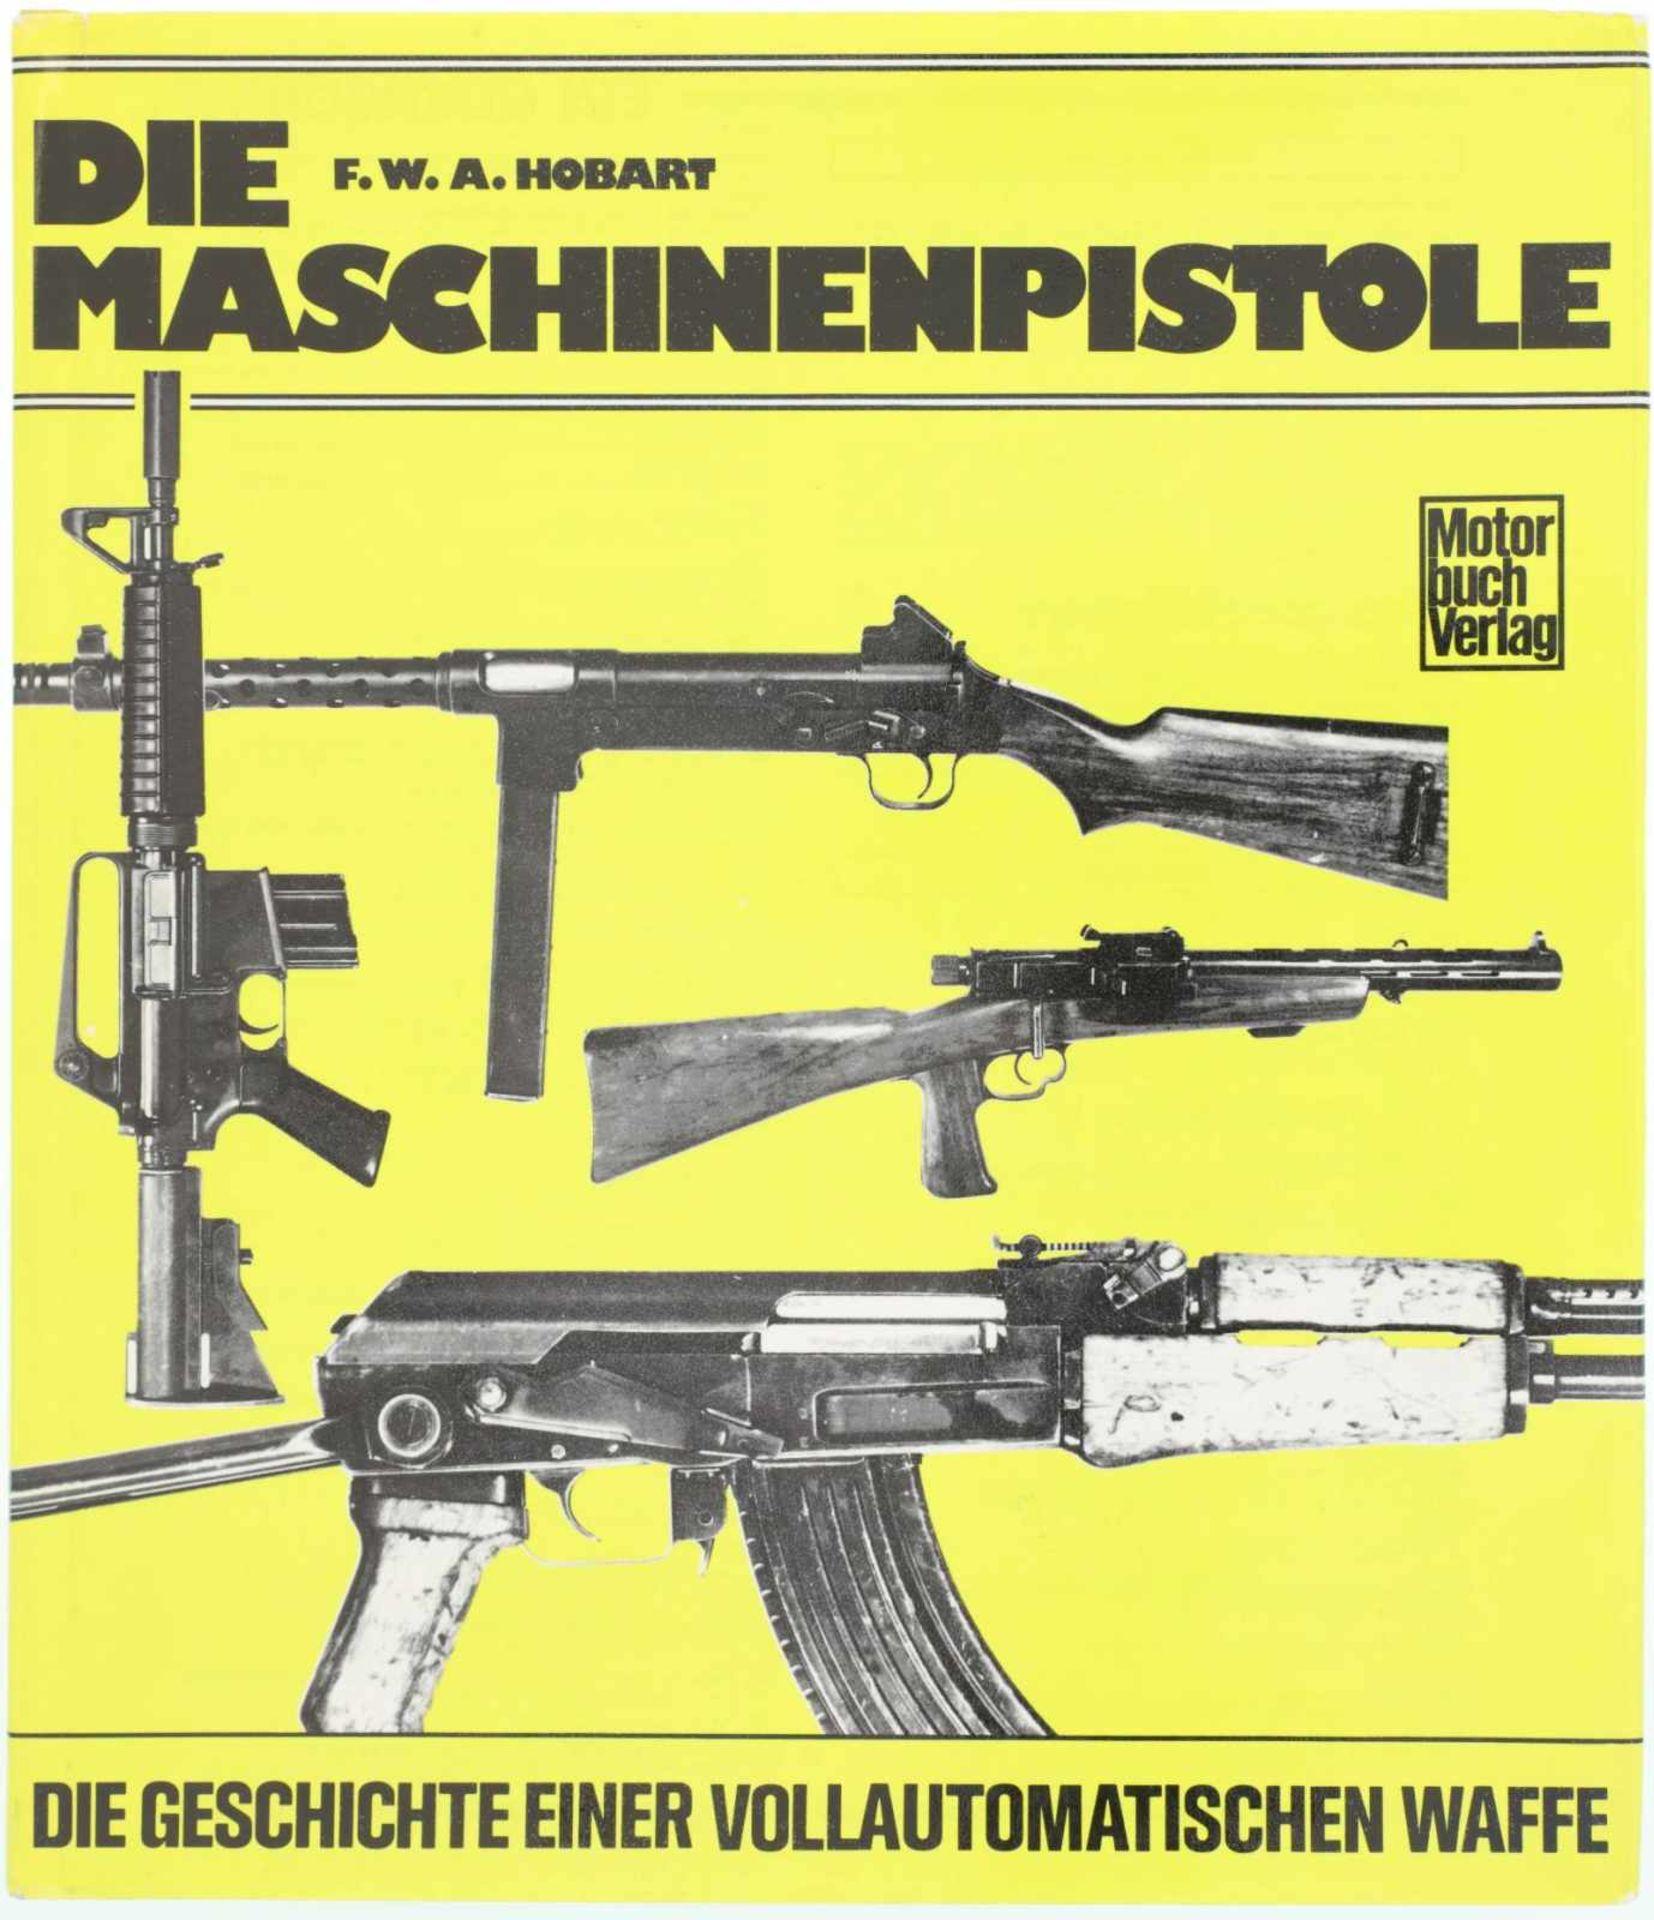 Die Maschinenpistole, die Geschichte einer vollautomatischen Waffe@ Autor F.W.A. Hobart, Stuttgart